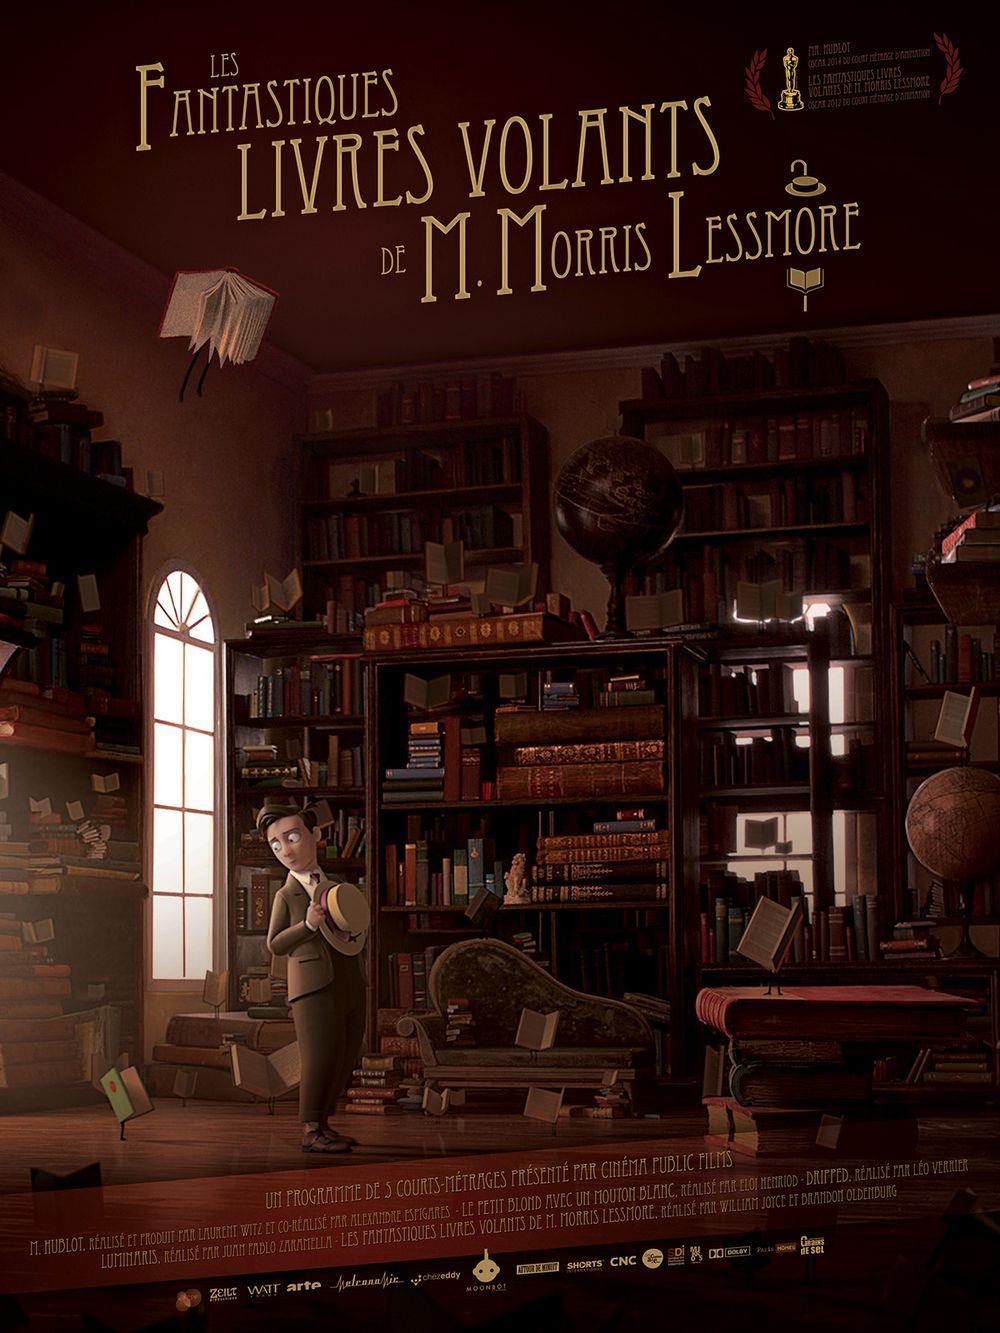 Les Fantastiques livres volants de M. Morris Lessmore et autres histoires - Film (2014)